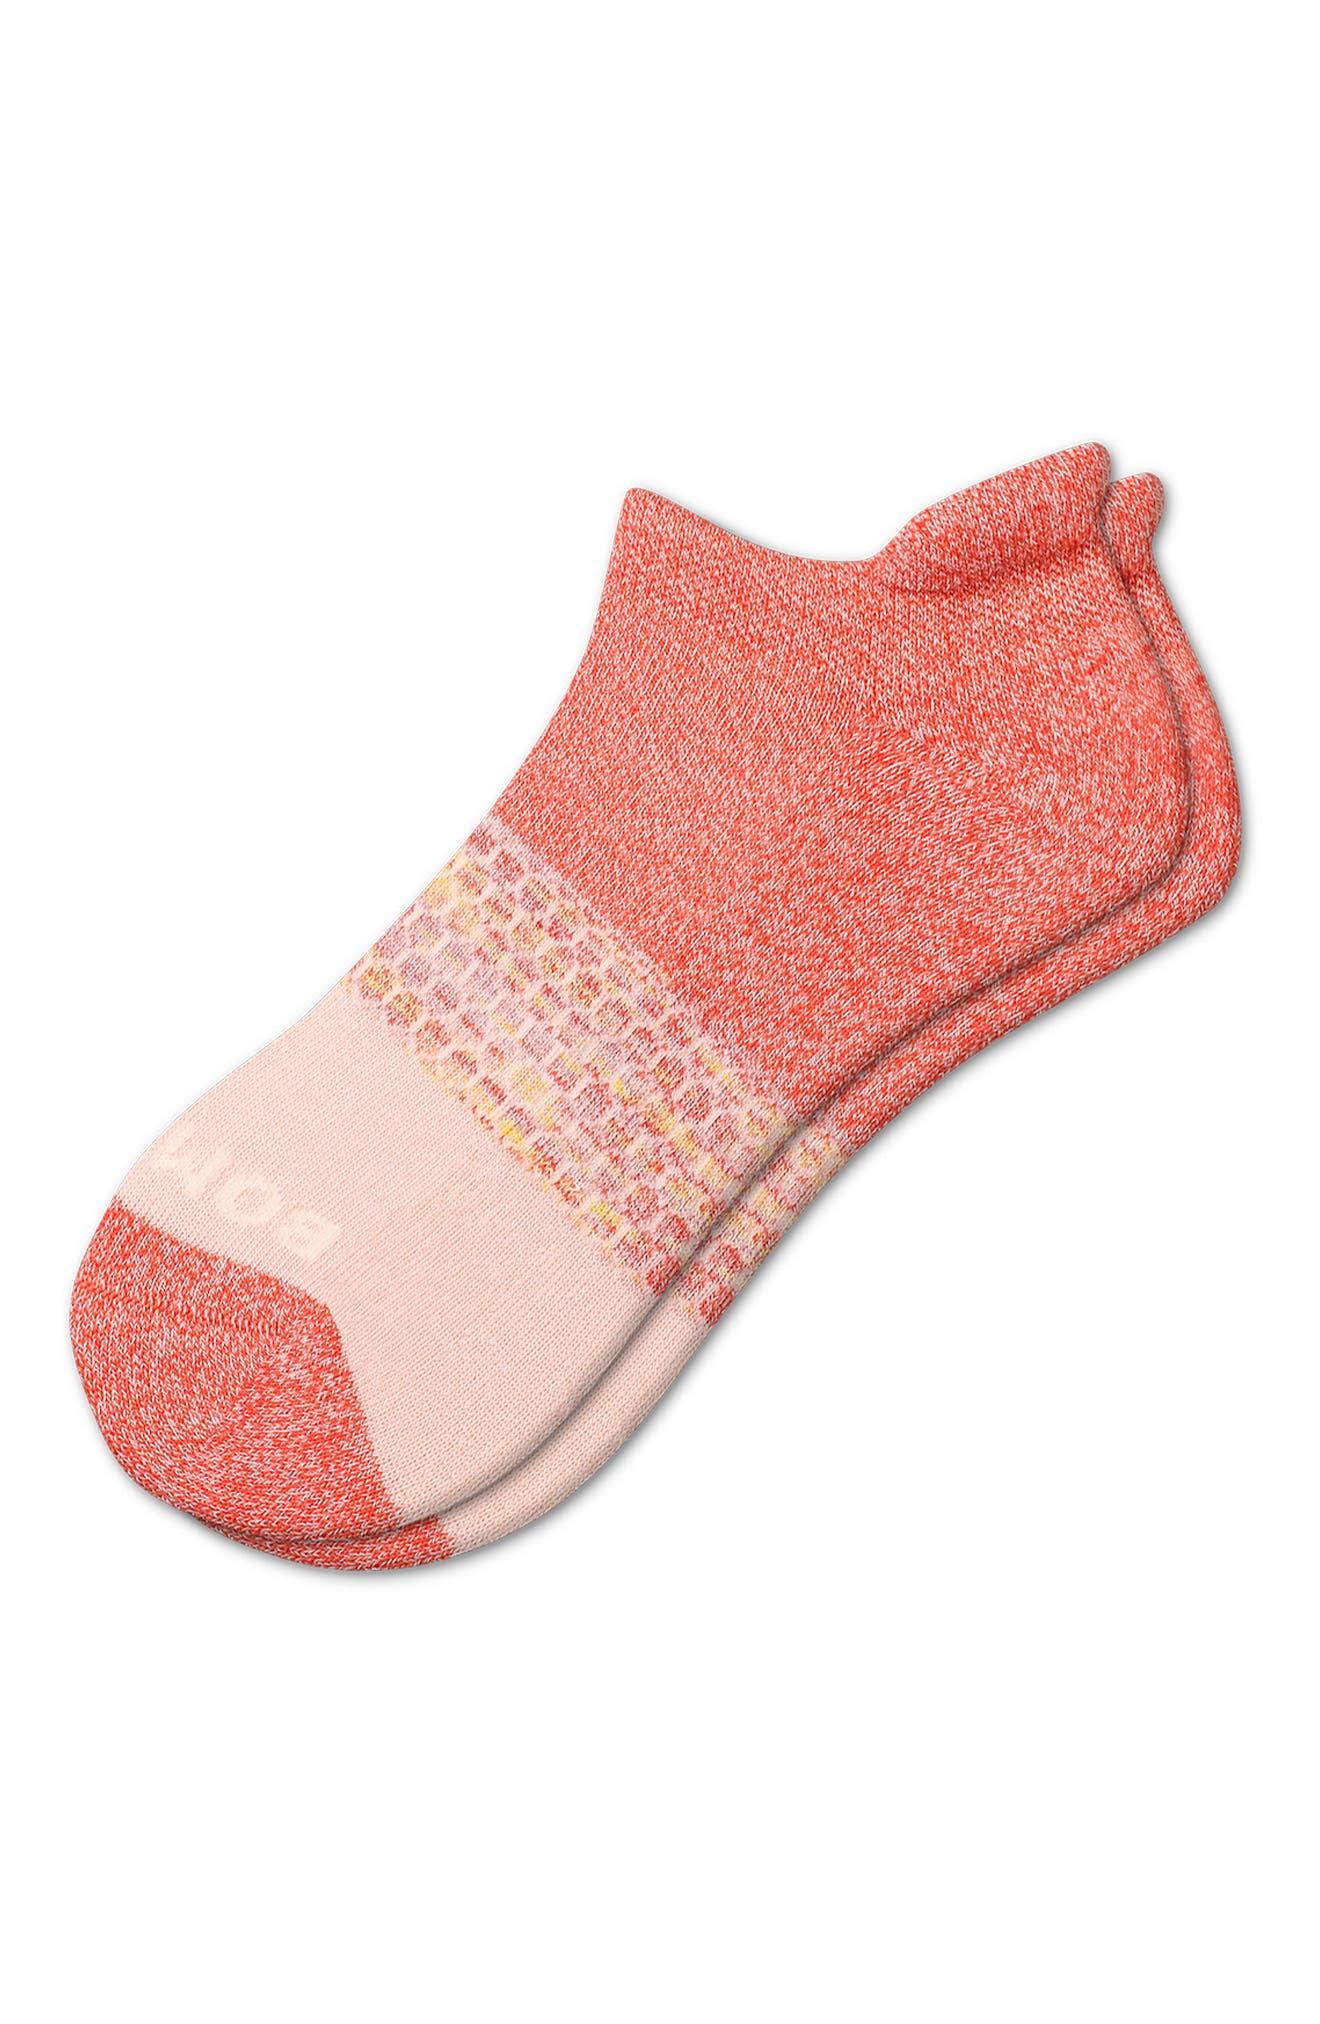 Space Dye Triblock No-Show Socks